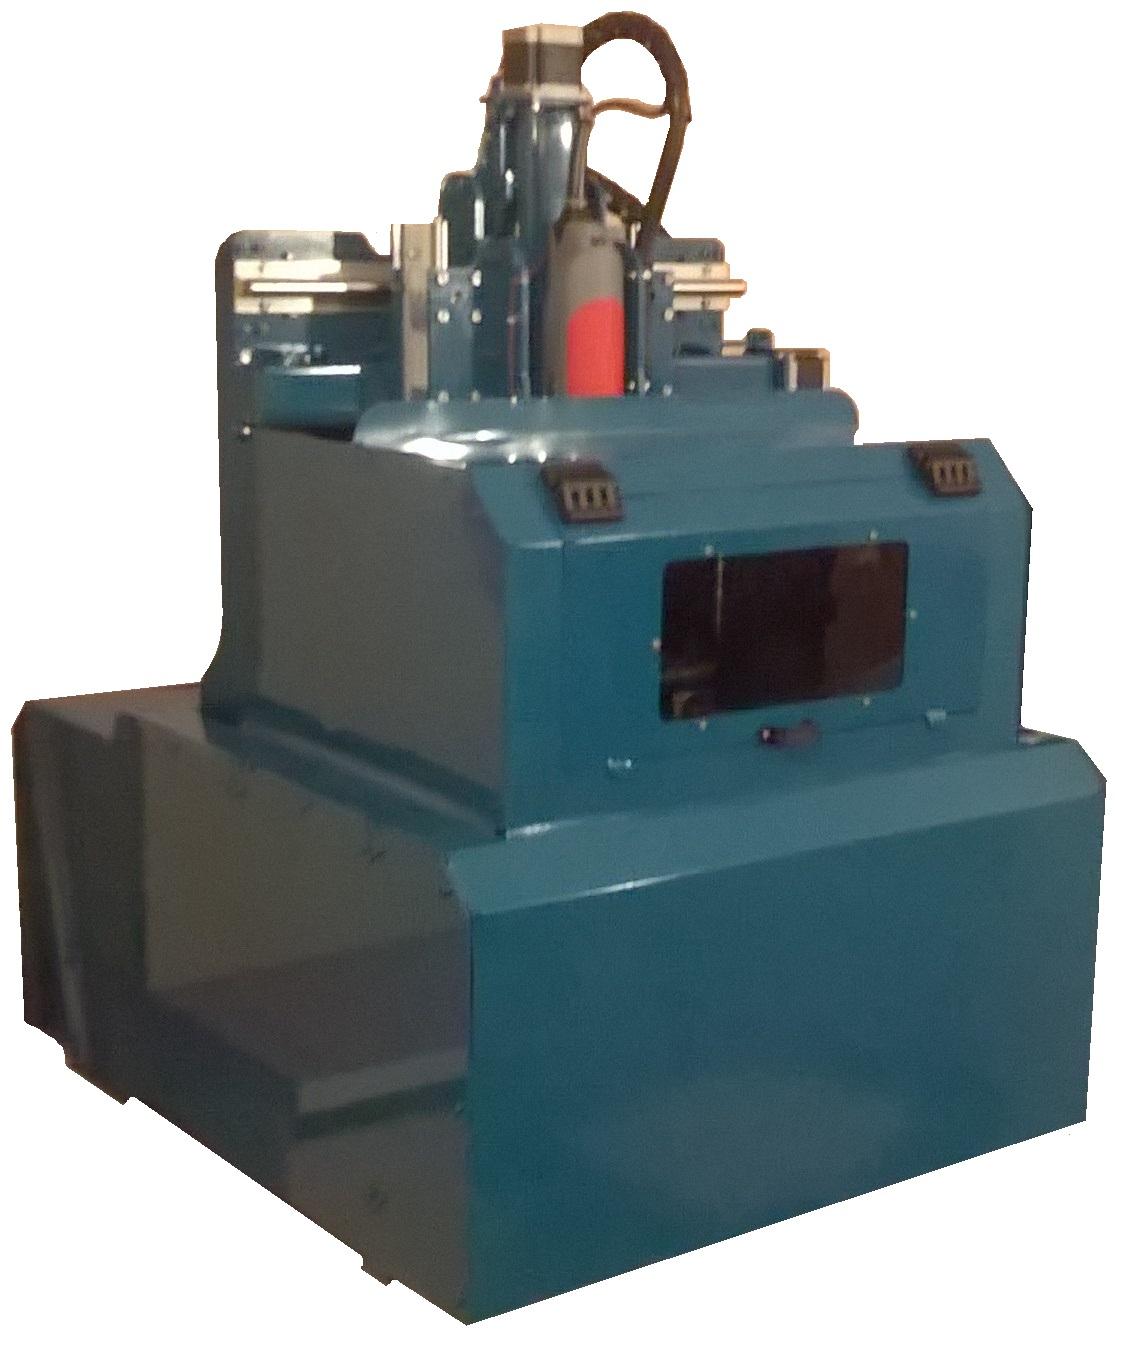 Aktualne Stalowa frezarka CNC - wersja 2 - elektroda.pl PA94